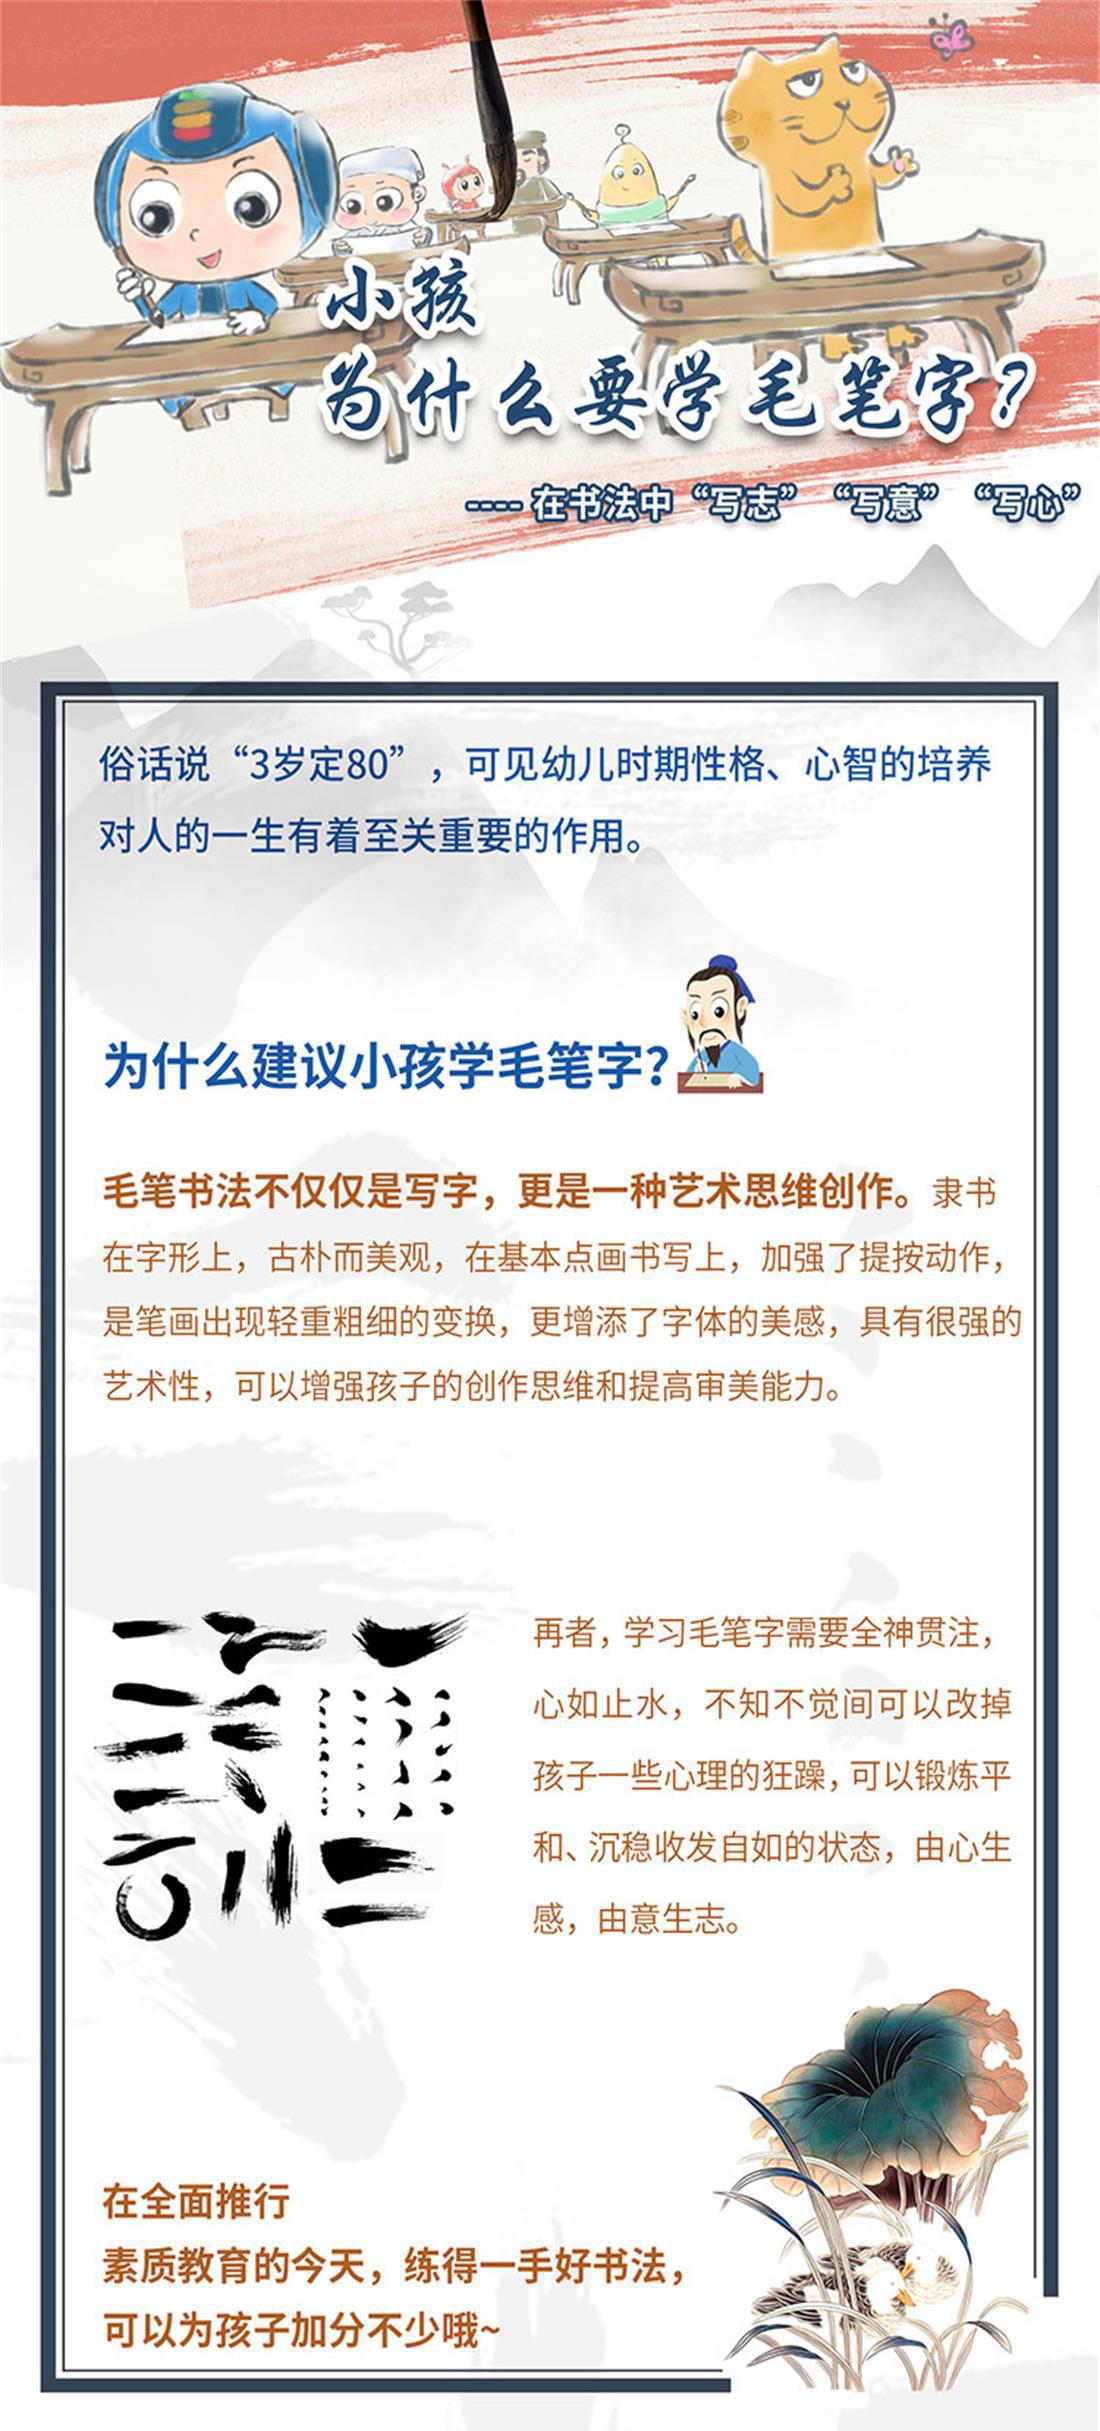 毛笔初_1100_01